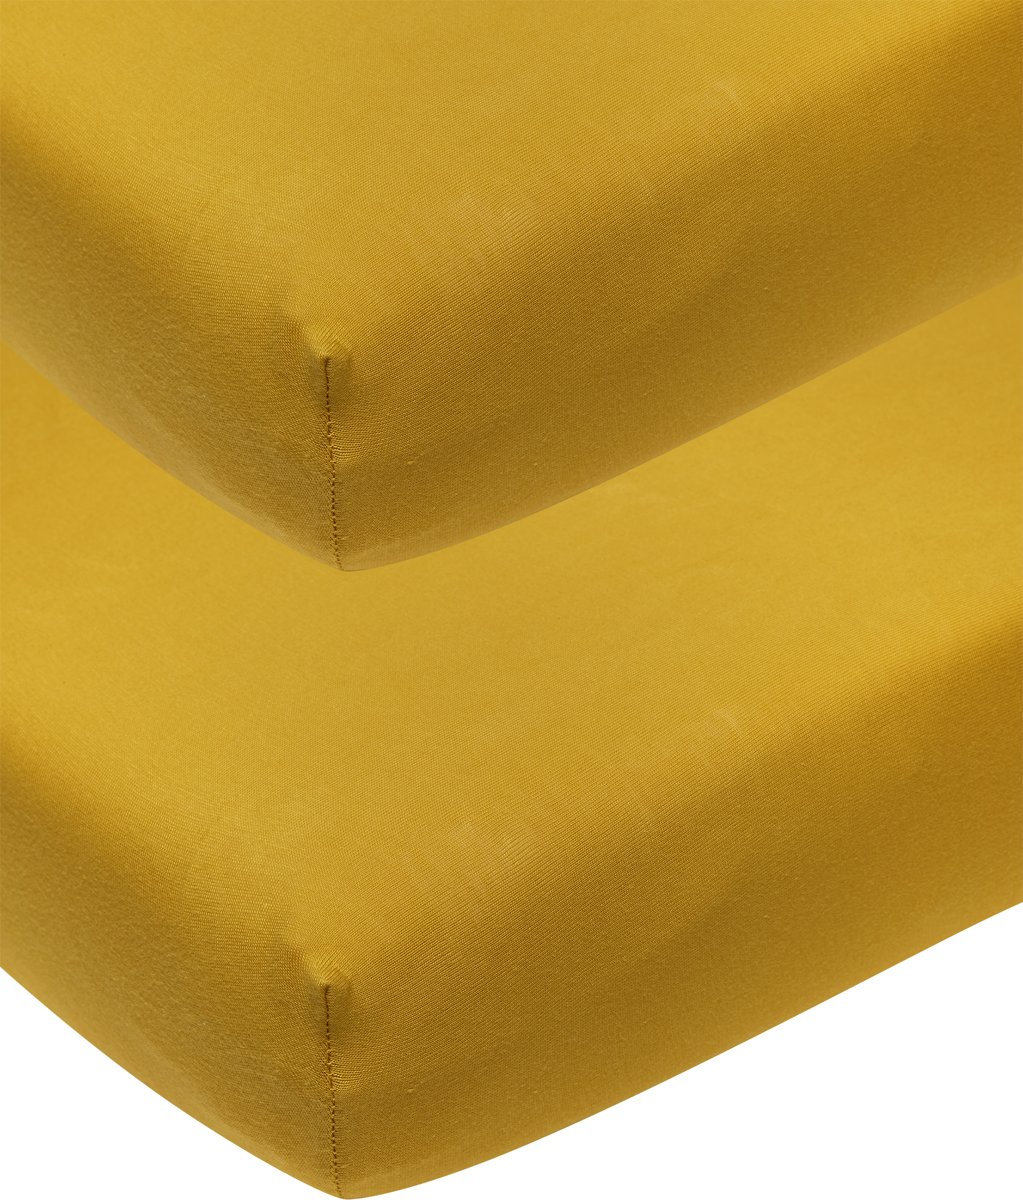 Meyco jersey hoeslaken 2-pack - 60x120 cm - okergeel